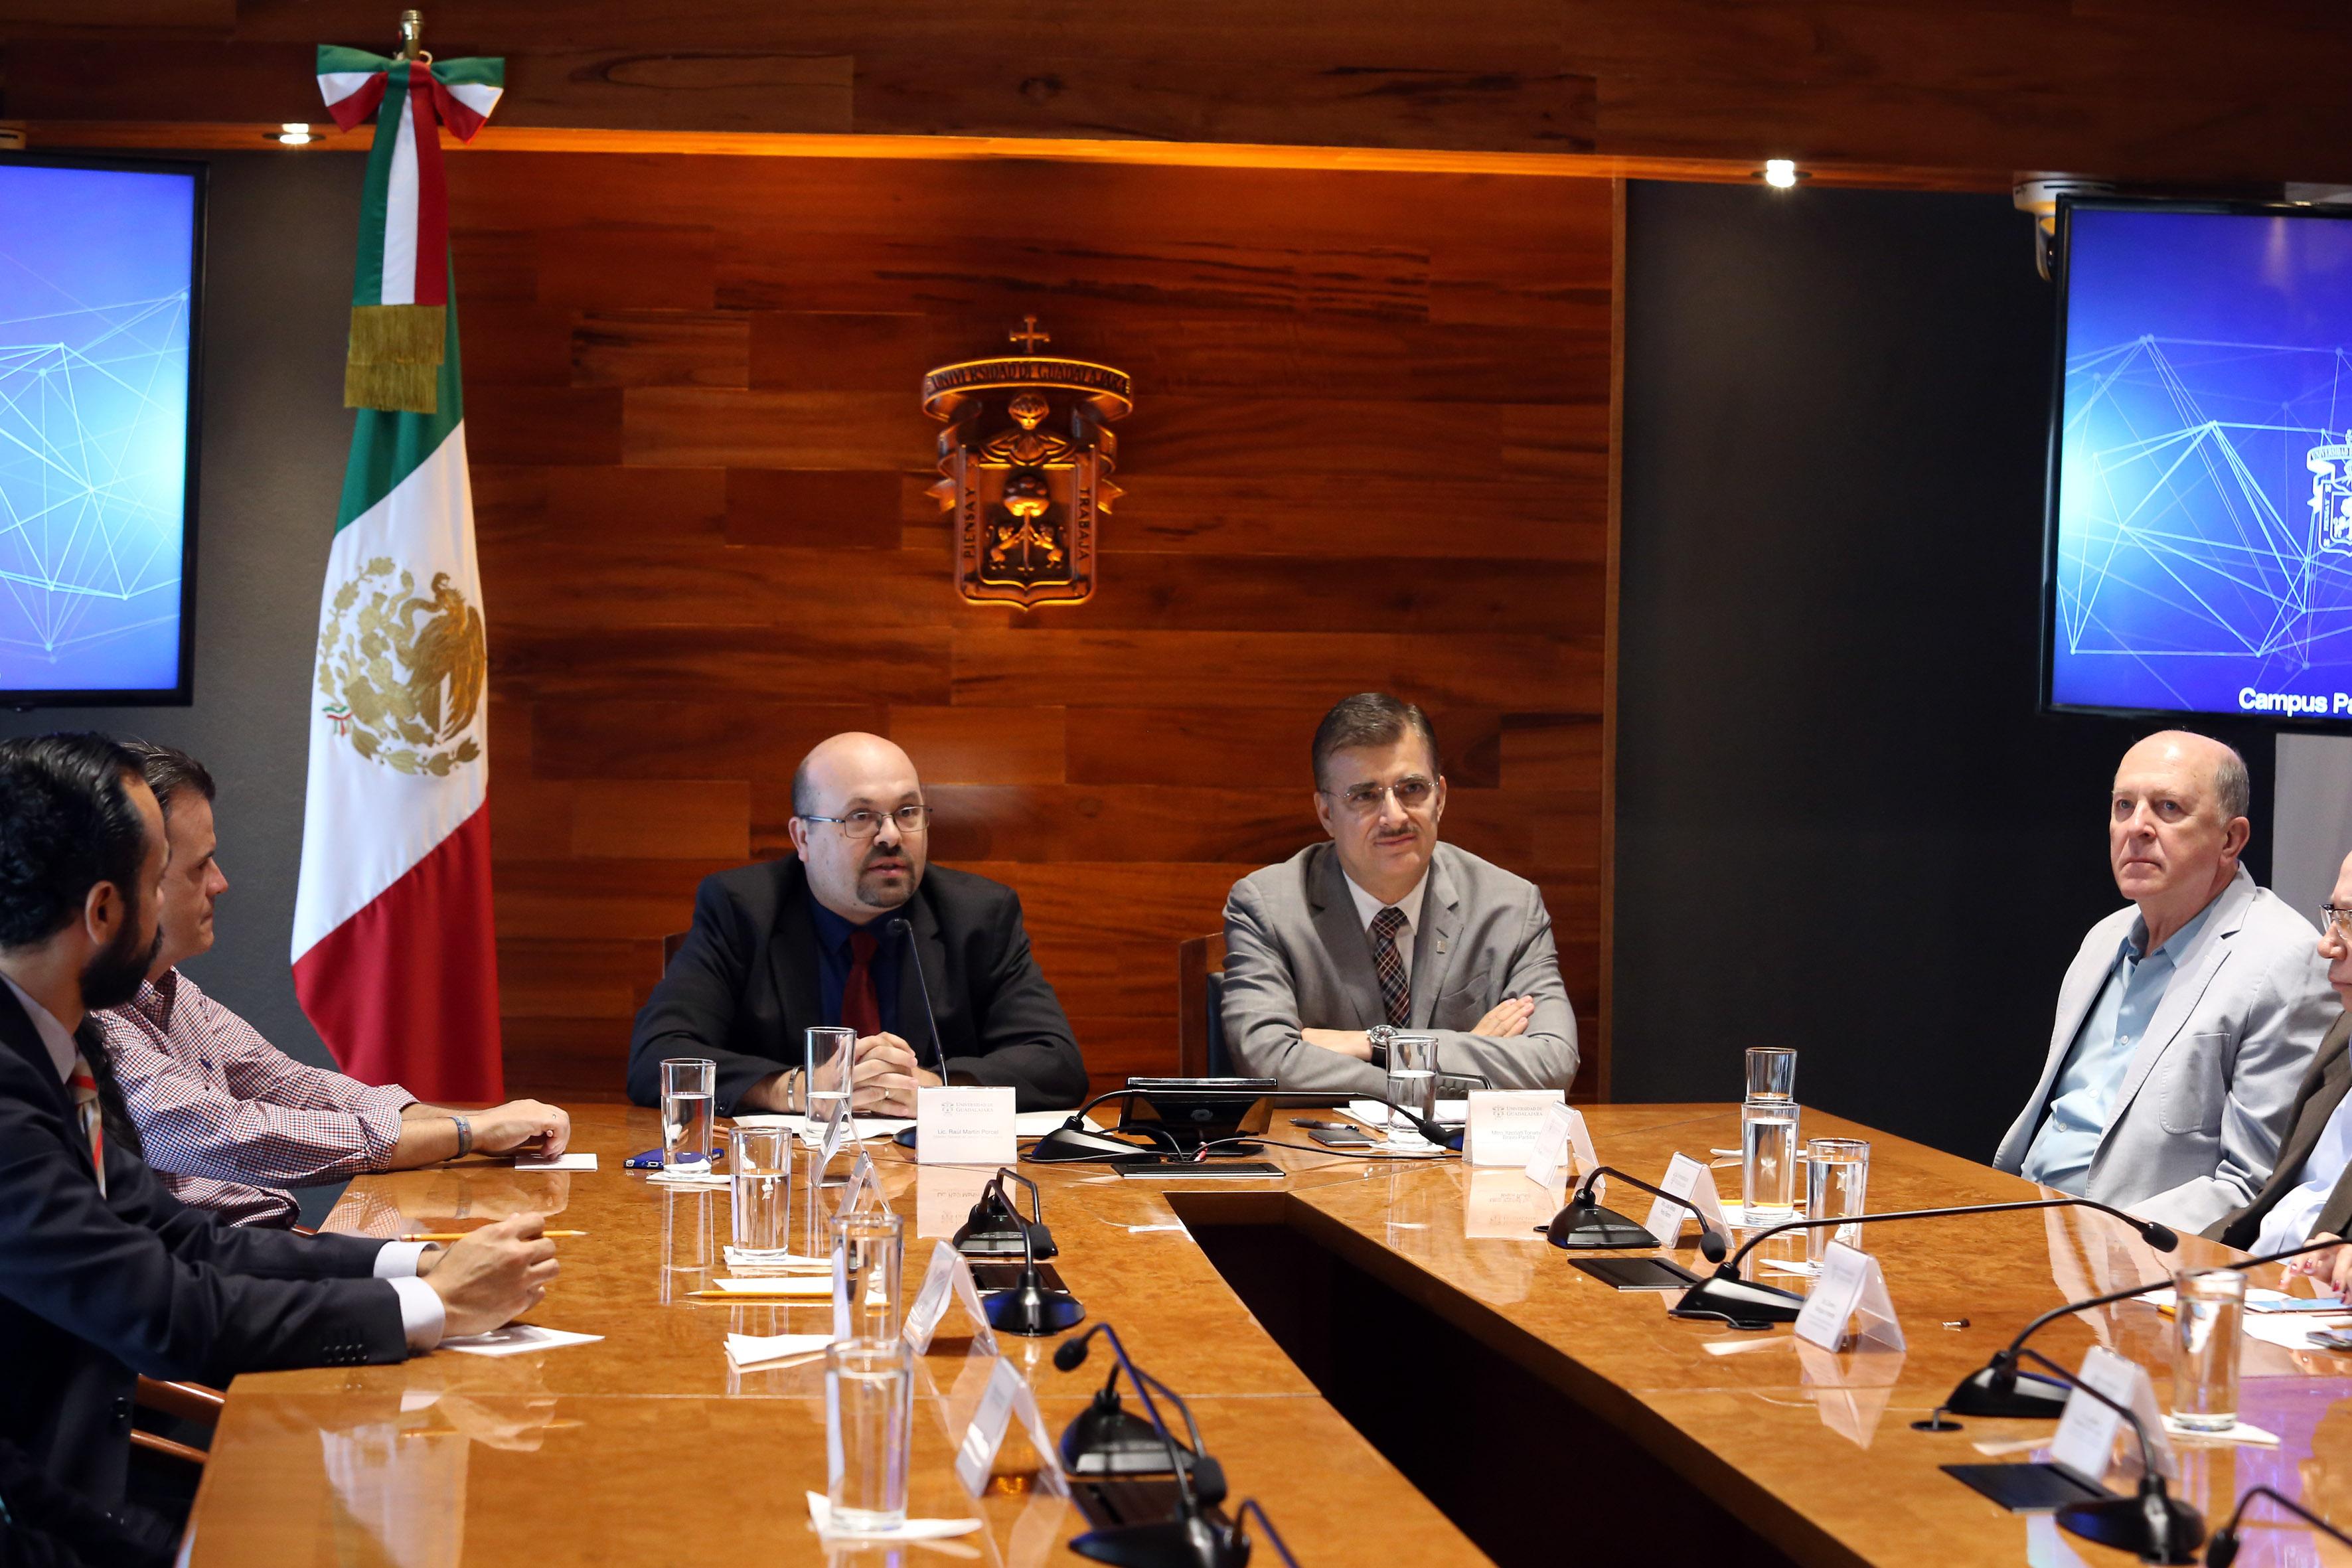 El director de campus party, Raúl Martín Porcel haciendo uso de la palabra en sala de comferencias